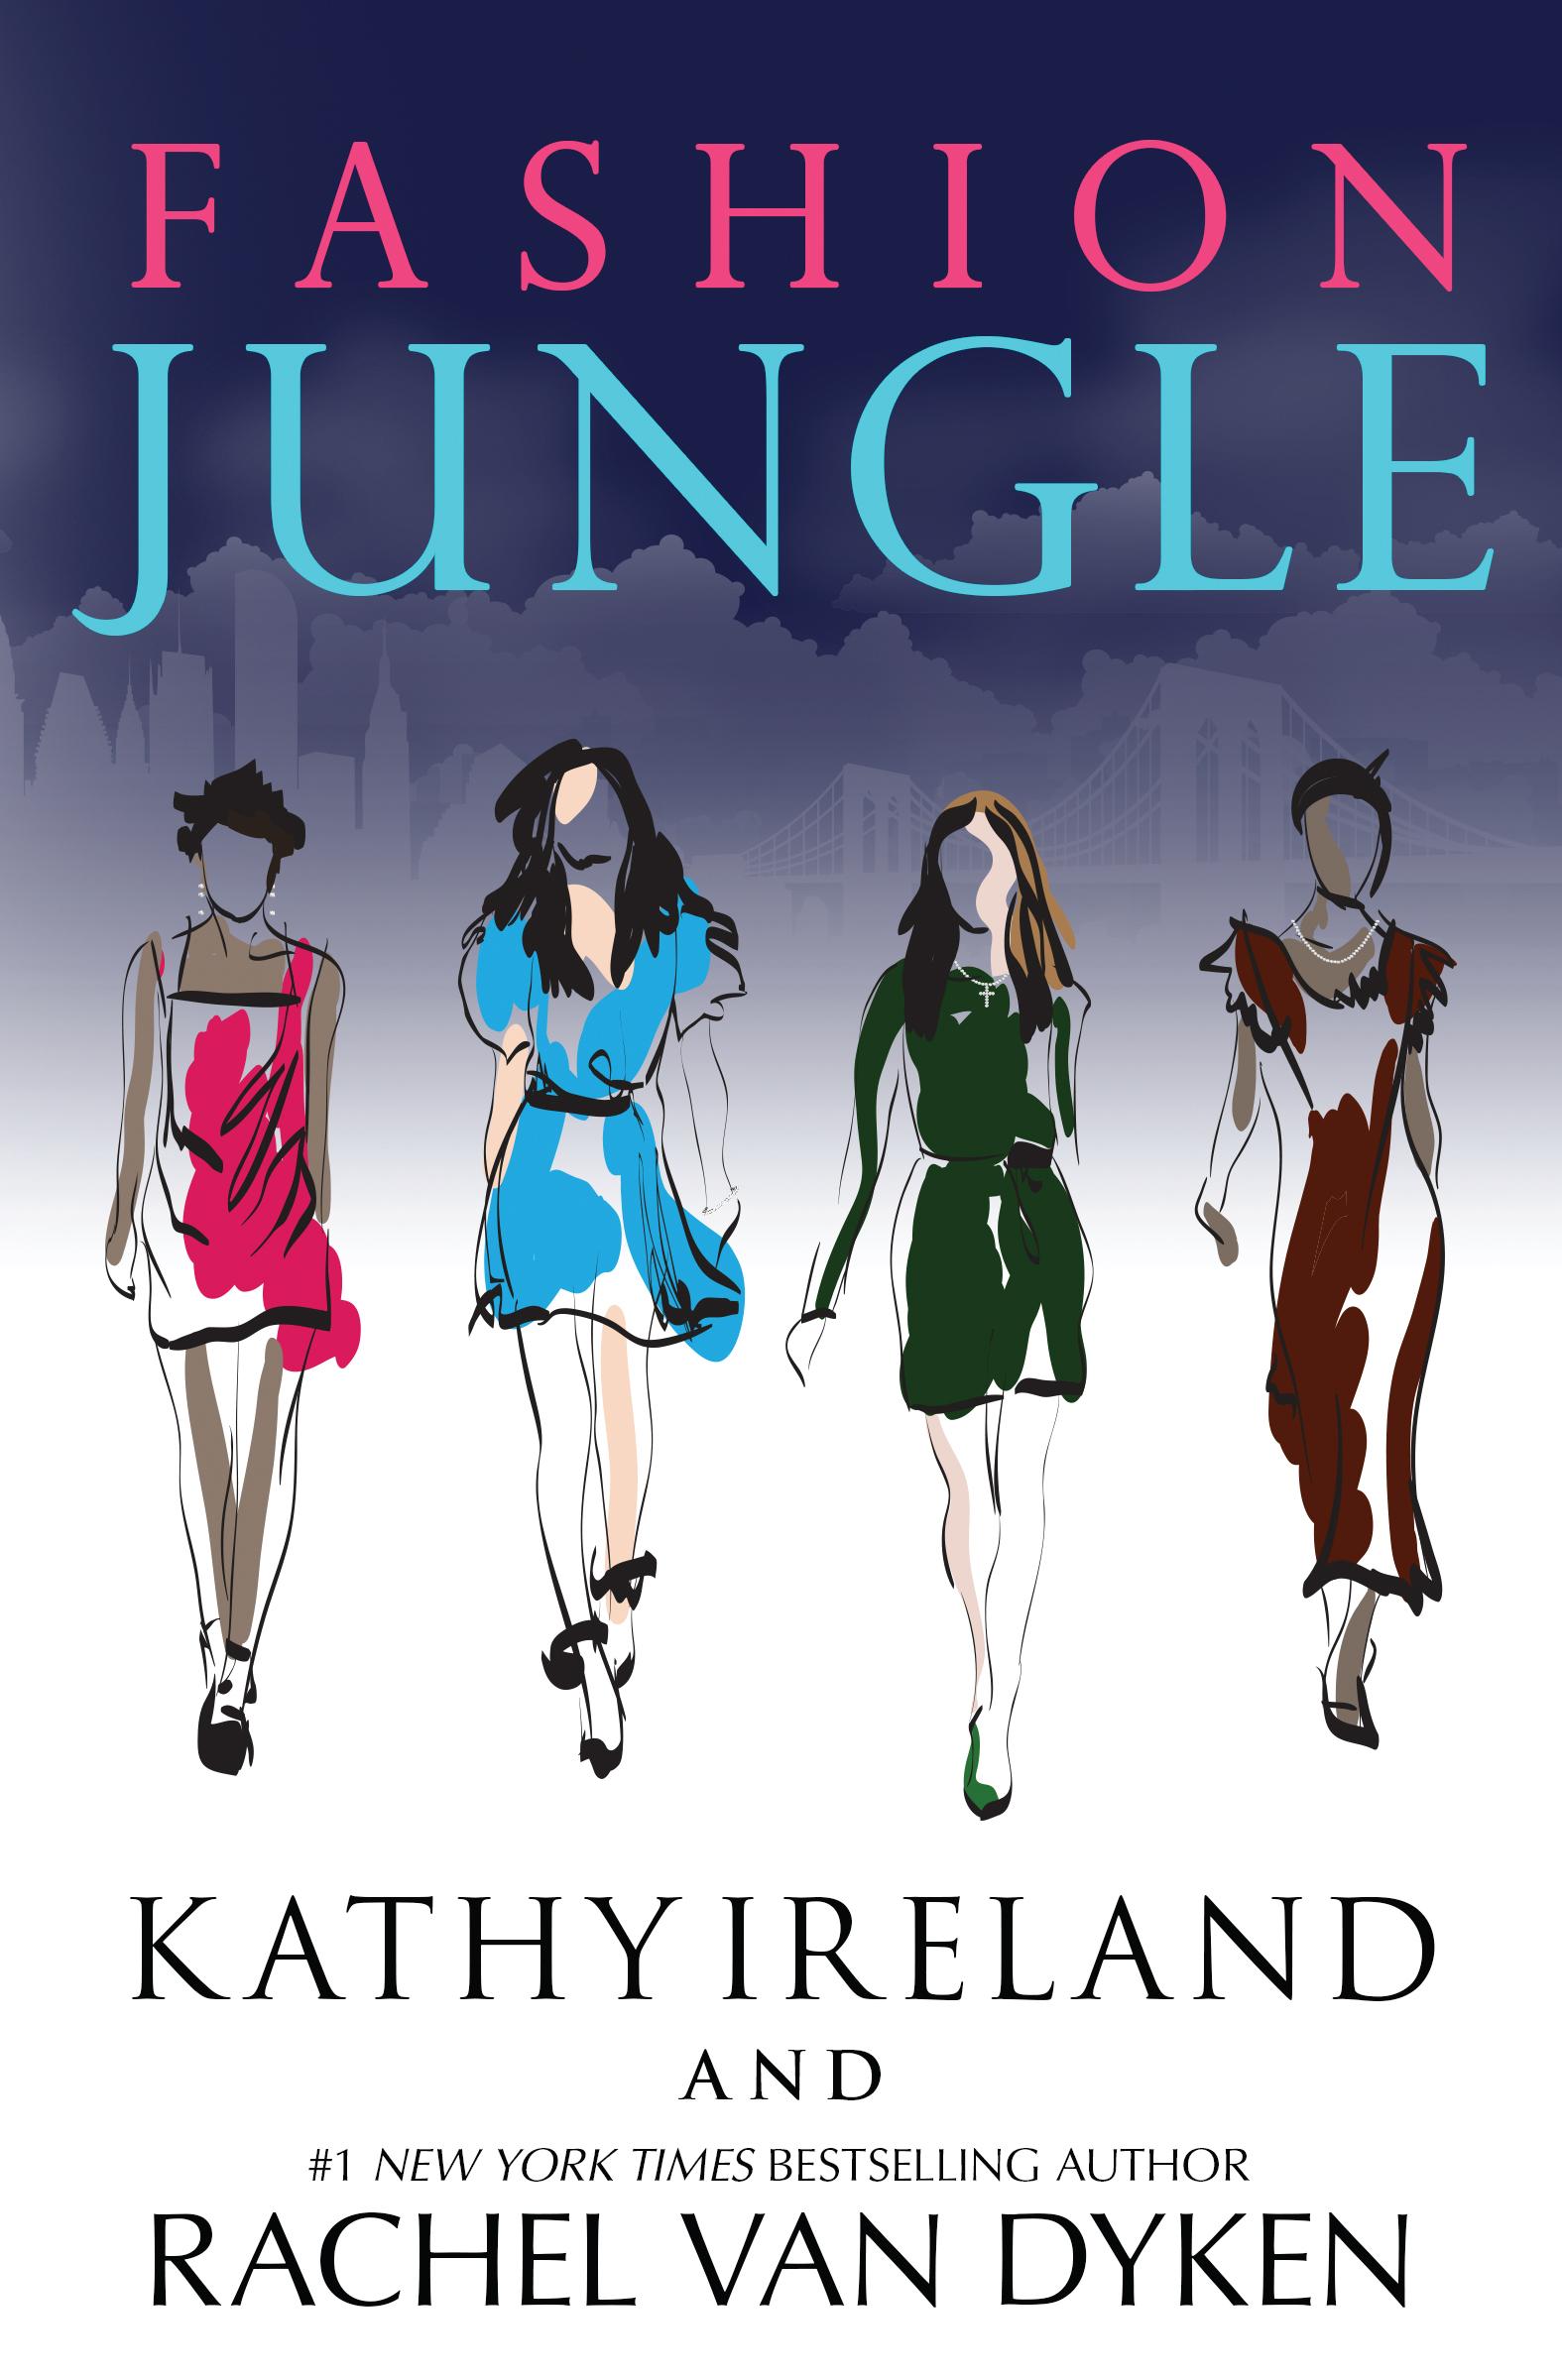 Cover of FashionJungle_eBook_HighRes.jpg